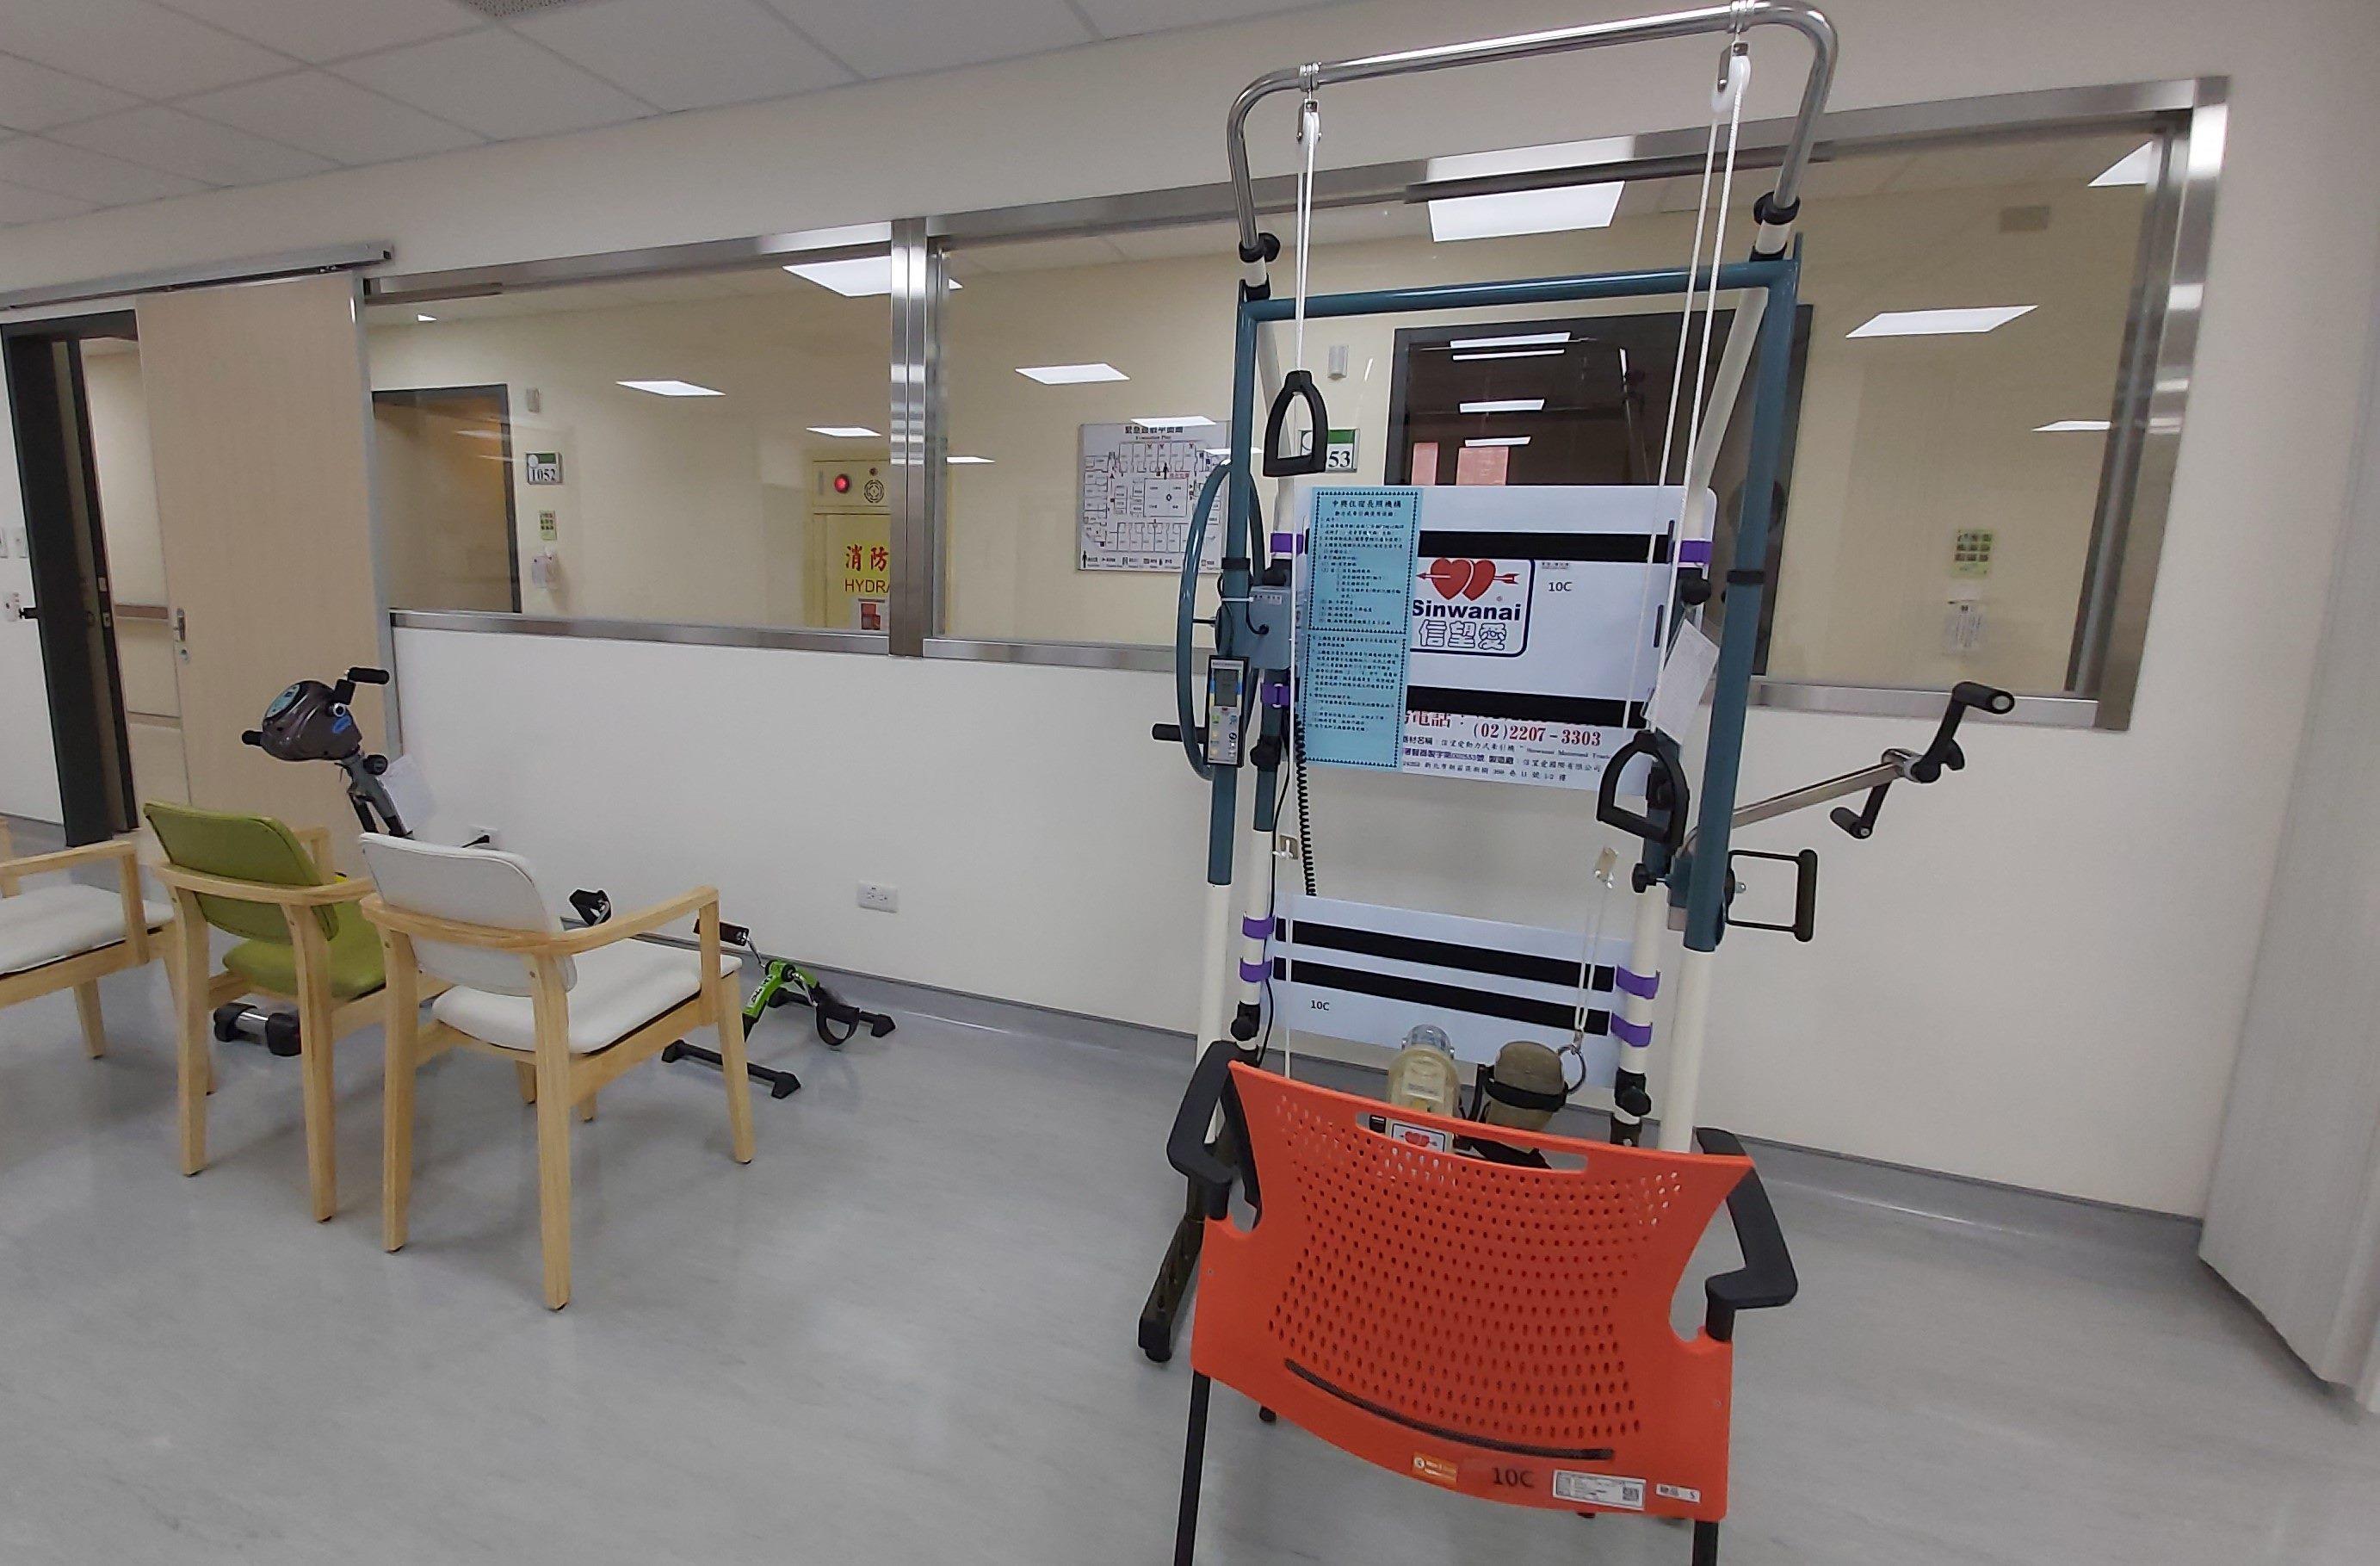 大型活動室物理治療設施